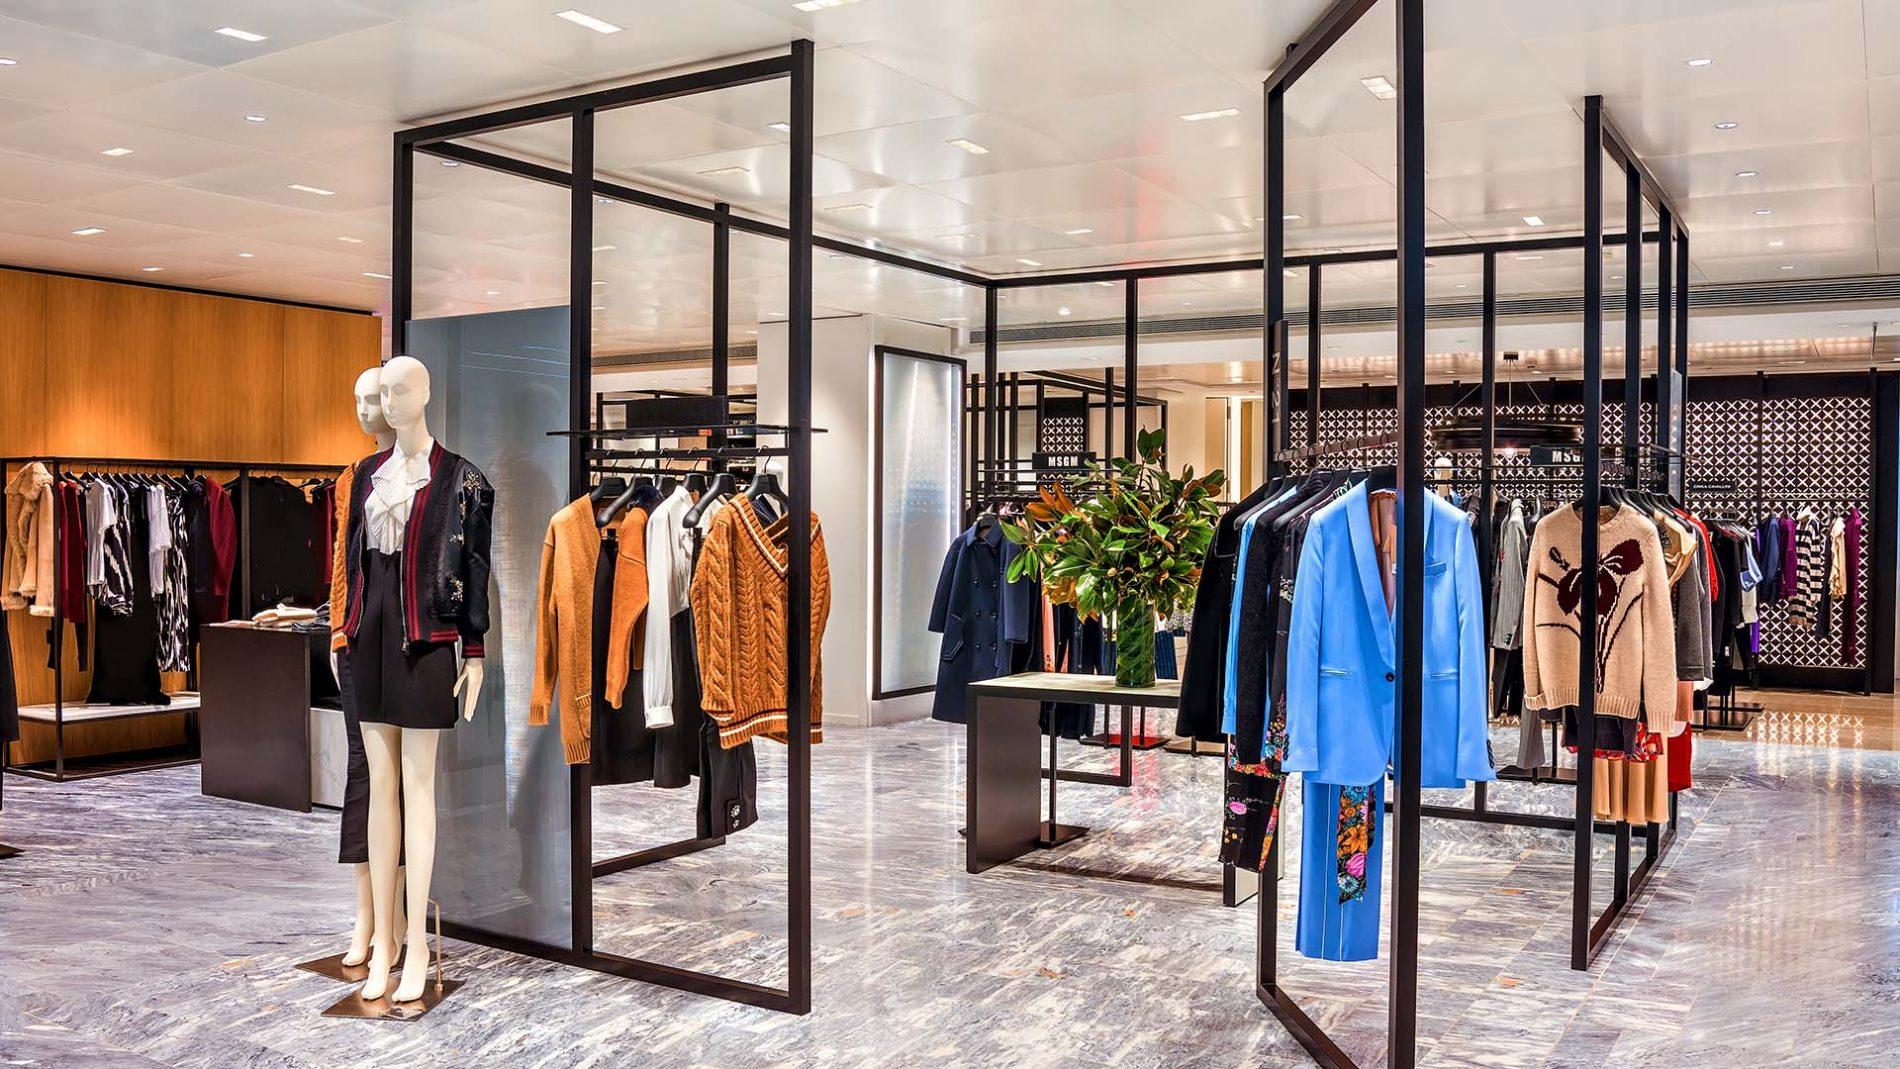 英格列斯塞拉诺47女装门店设计师品牌高级成装